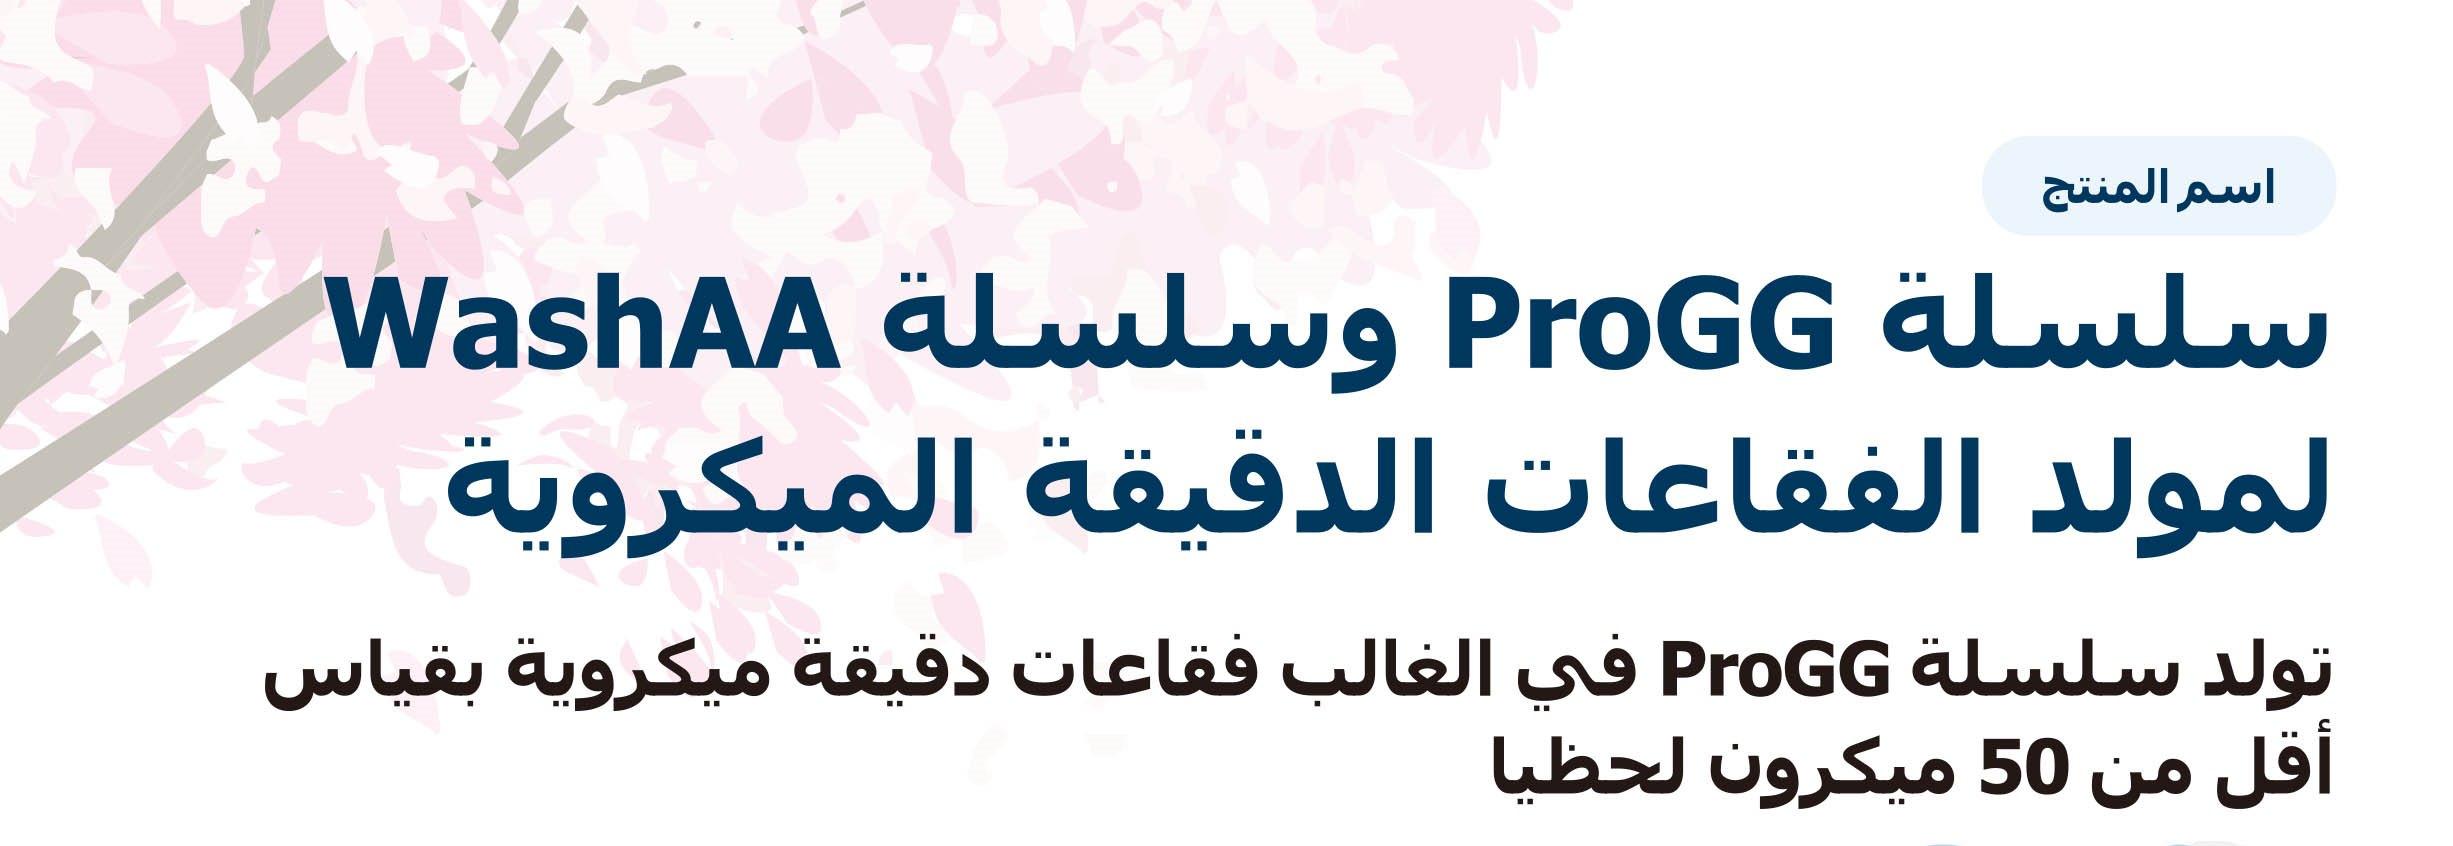 マイクロバブル アラビア語